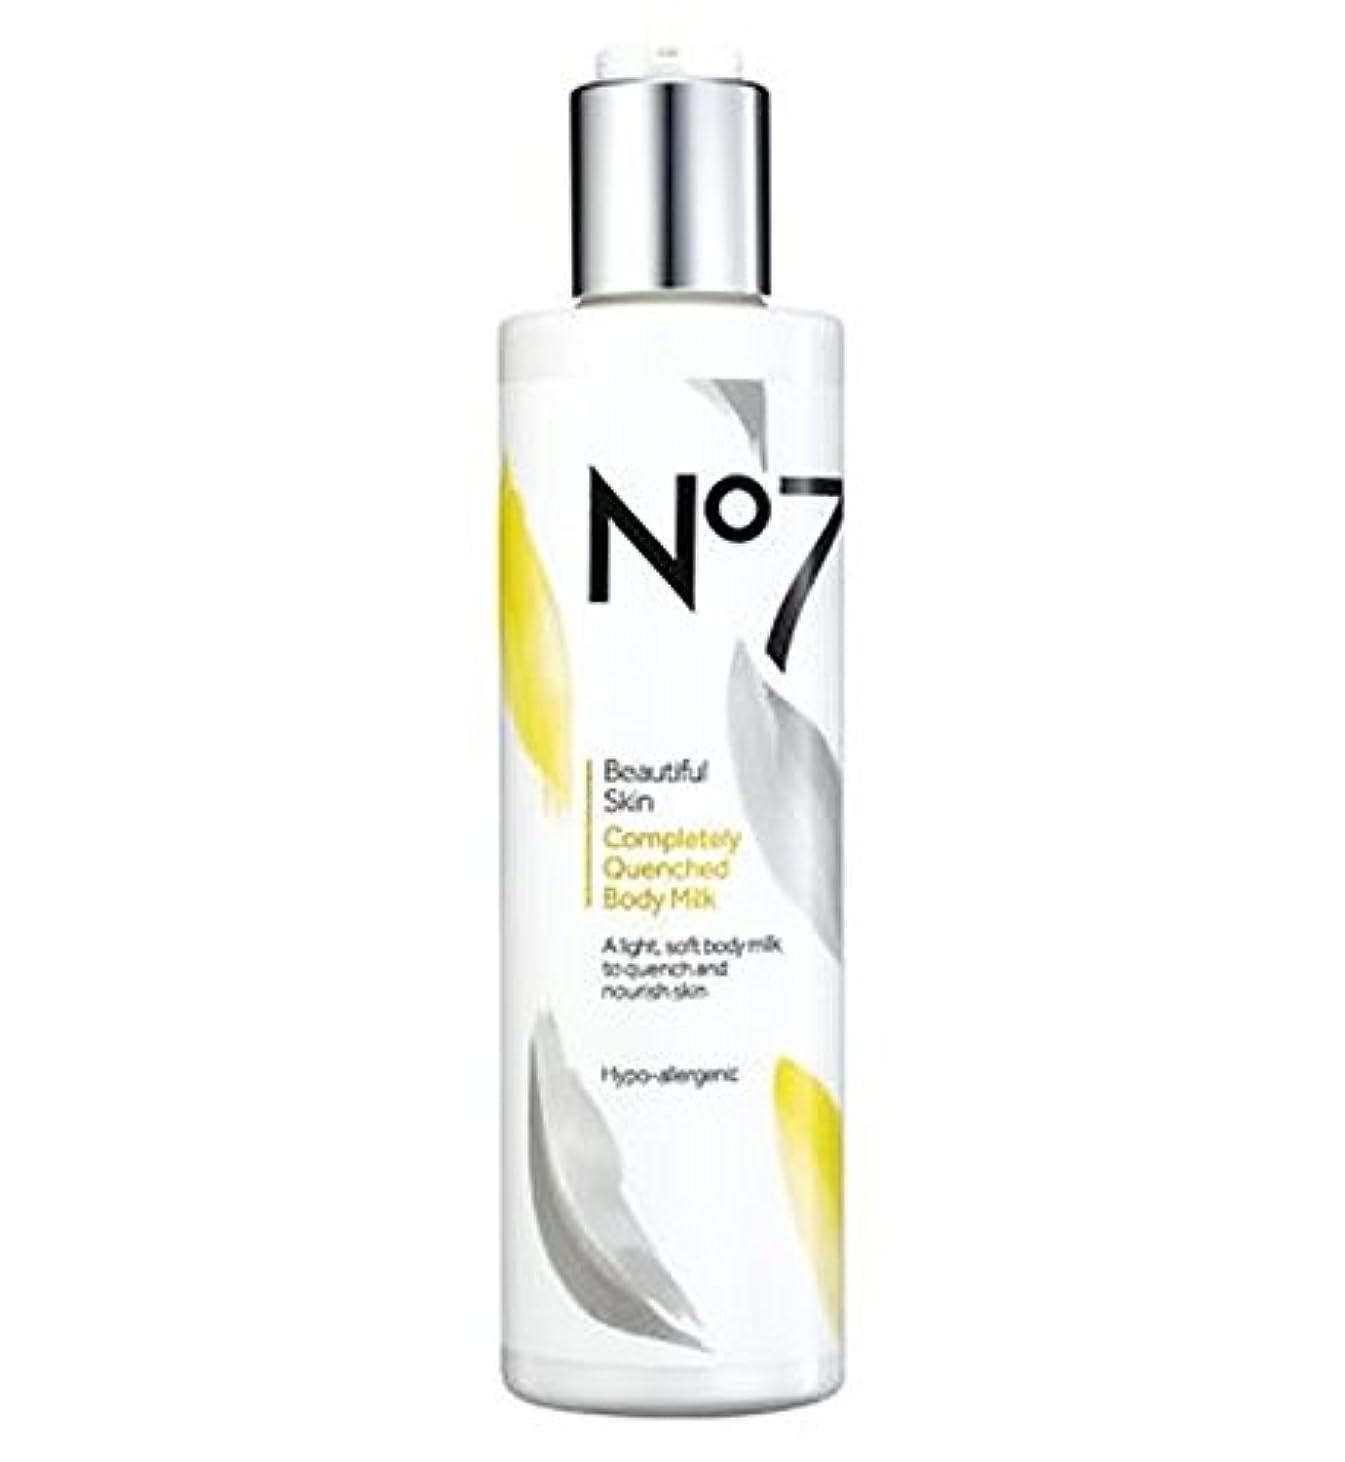 冒険家望ましいビーチNo7 Beautiful Skin Completely Quenched Body Milk - No7美しい肌完全に急冷ボディミルク (No7) [並行輸入品]